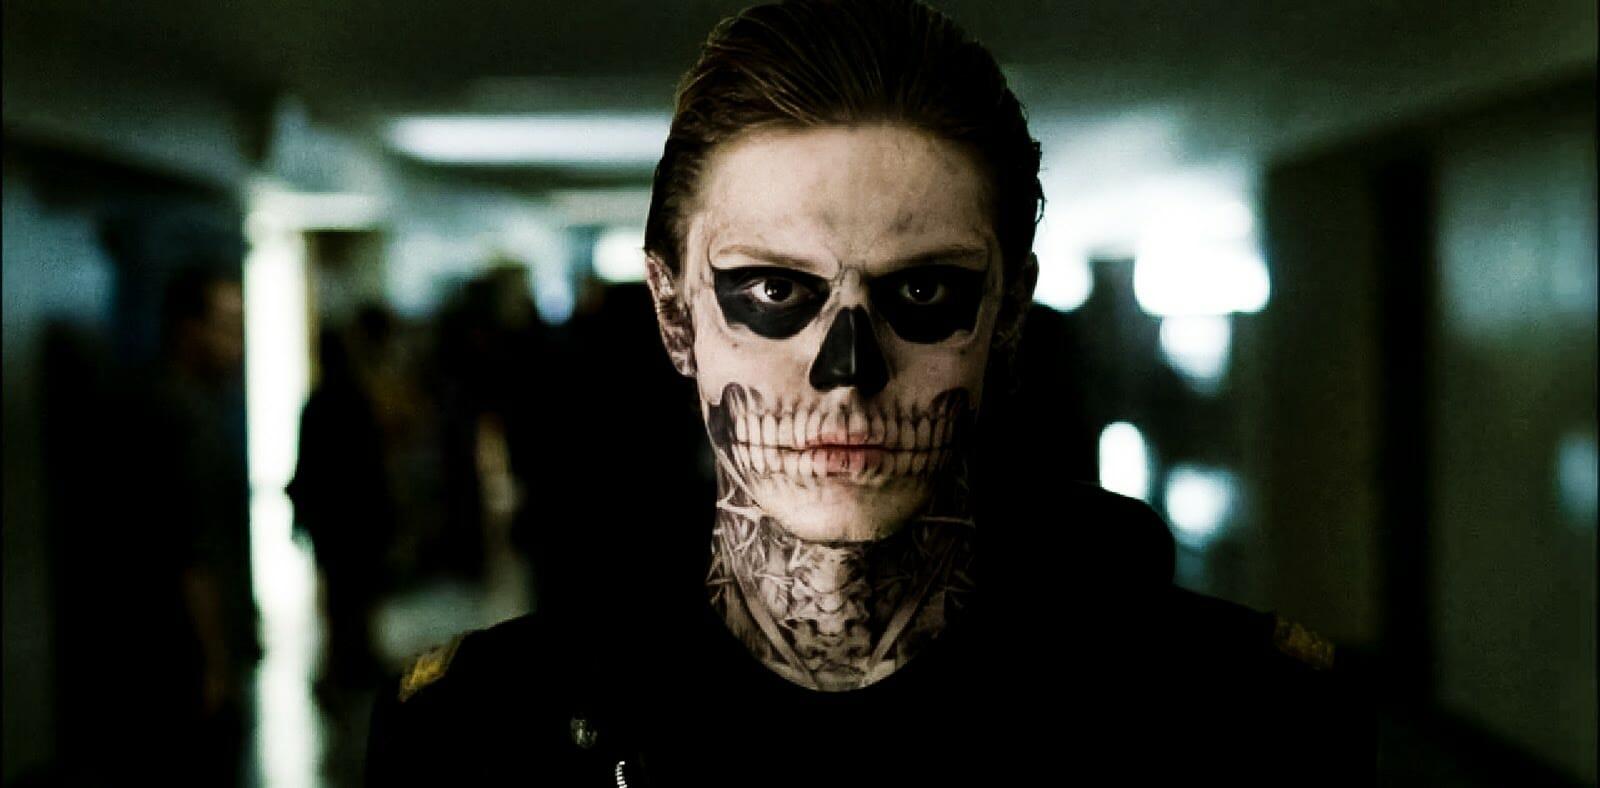 Evan-Peters-American-Horror-Story